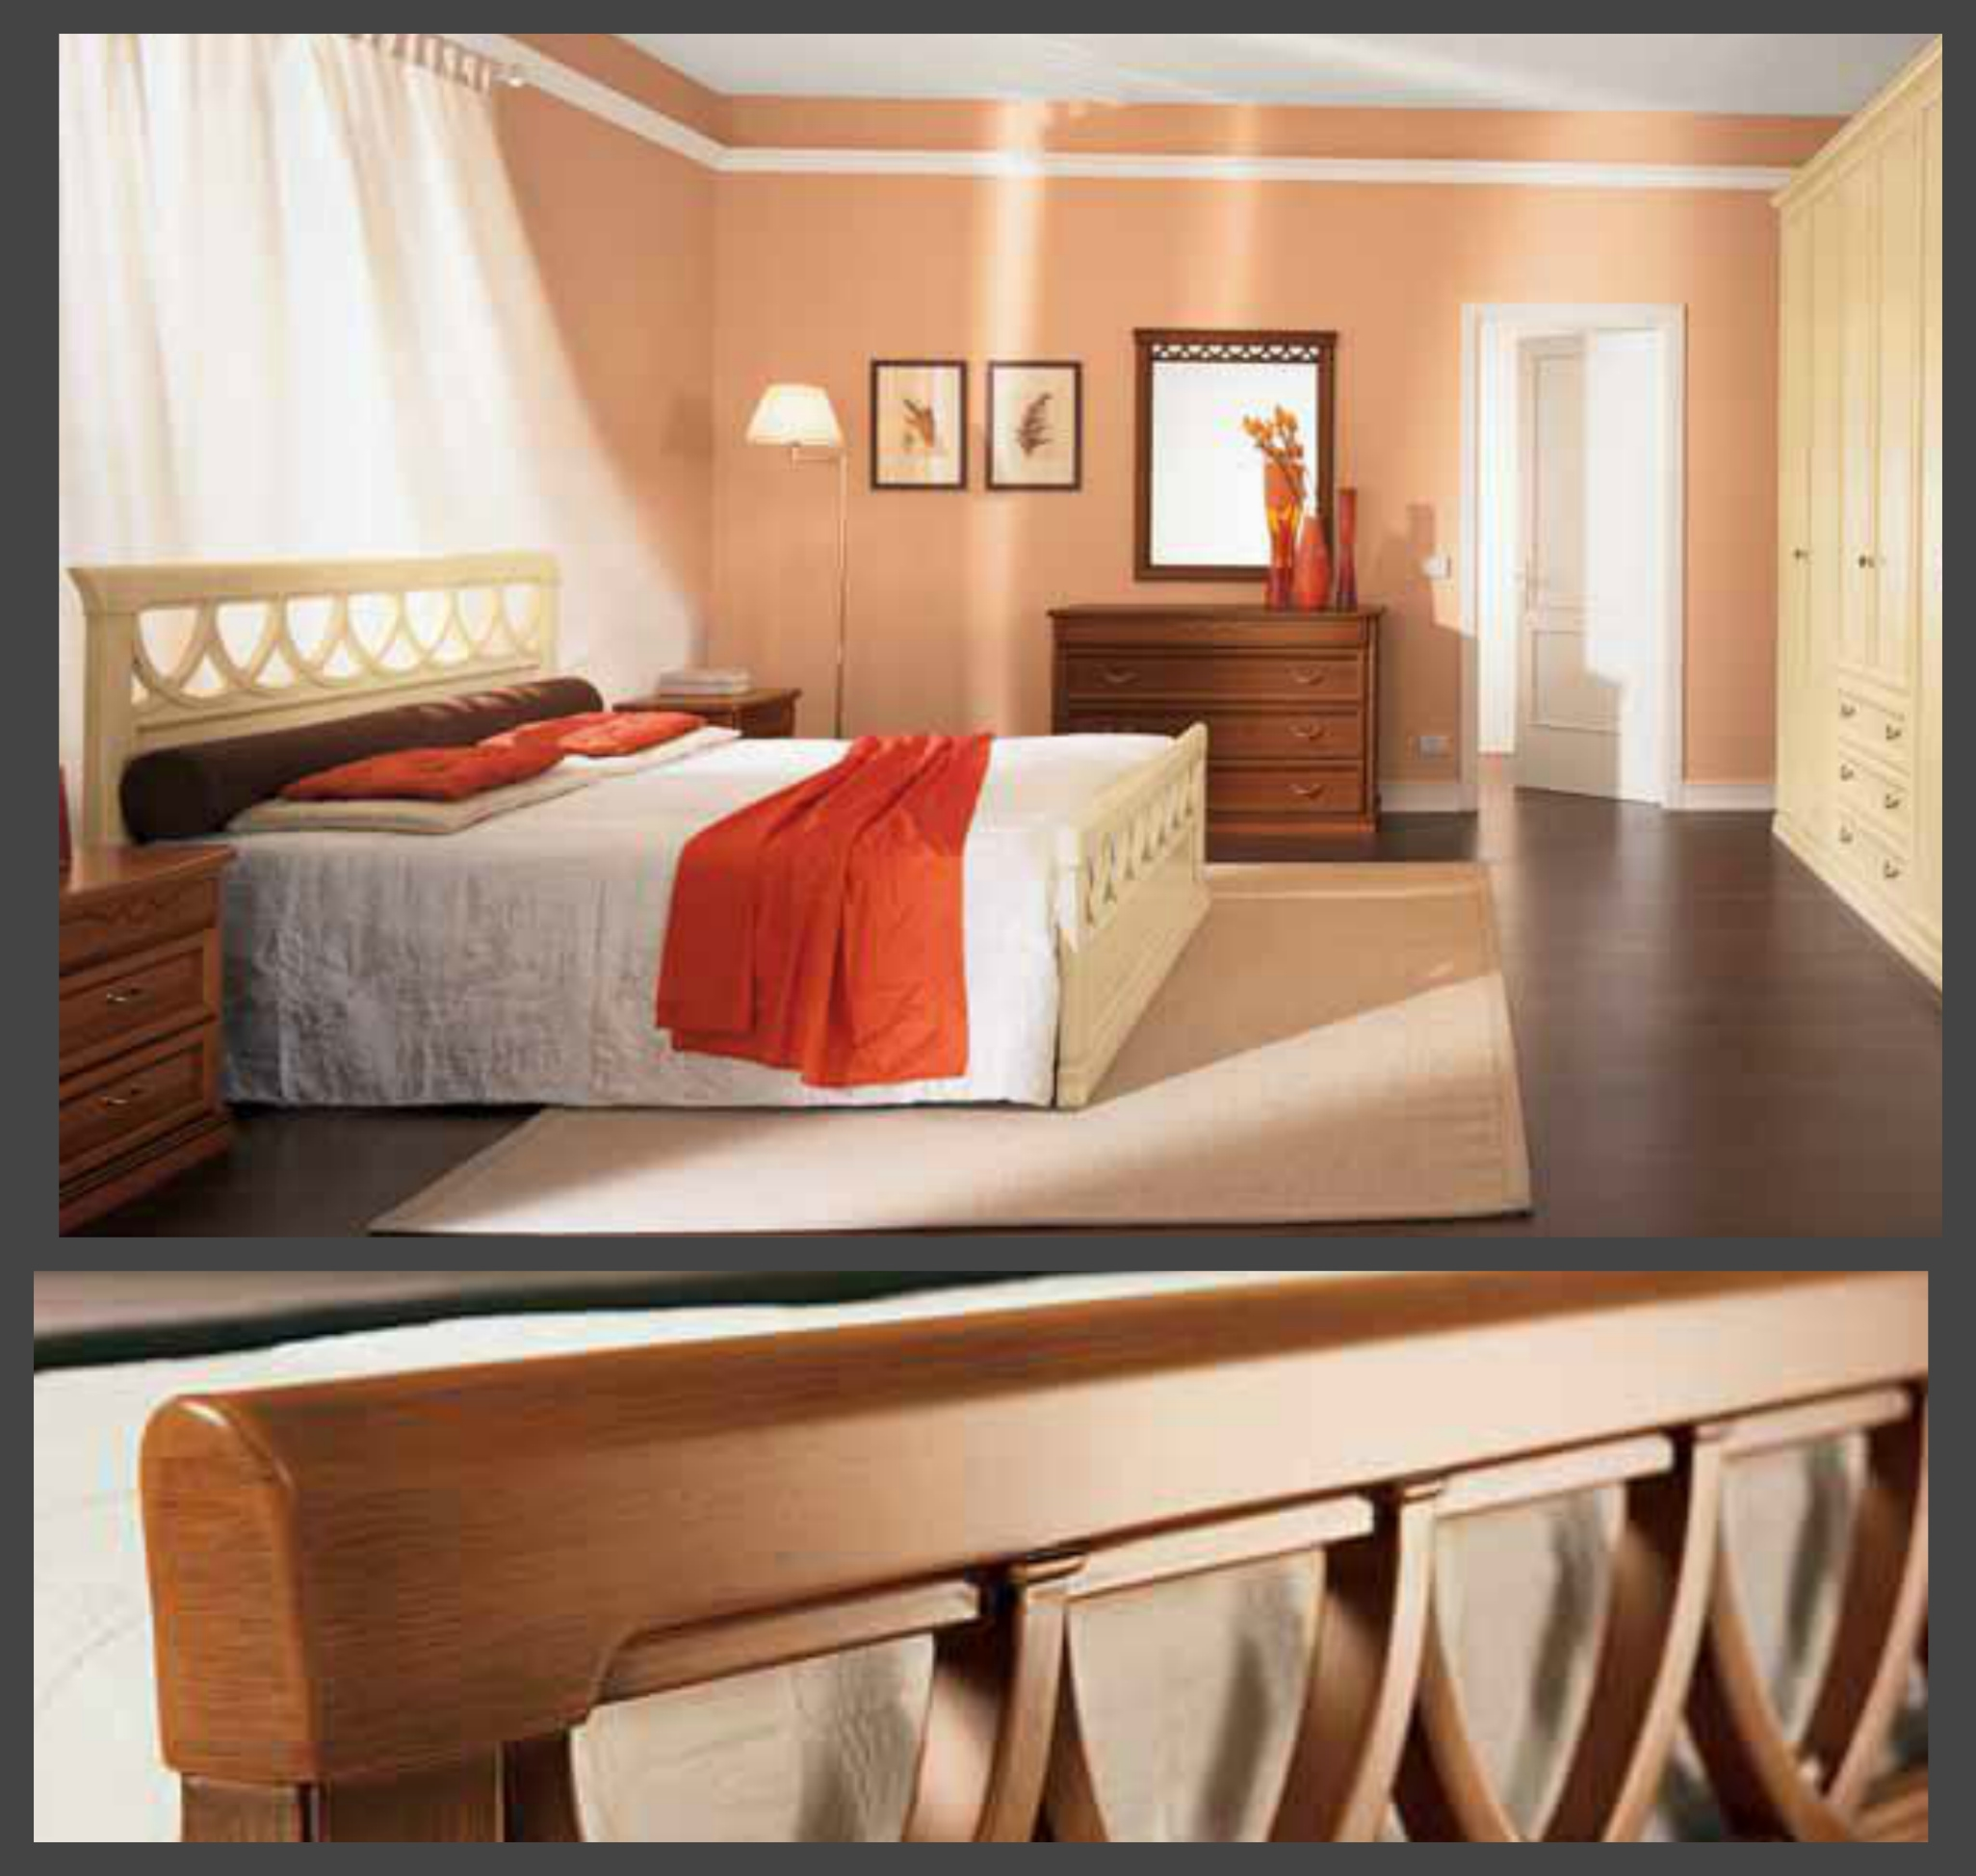 Misure di un letto ad una piazza e mezza misure del letto - Letto contenitore una piazza e mezza ikea ...